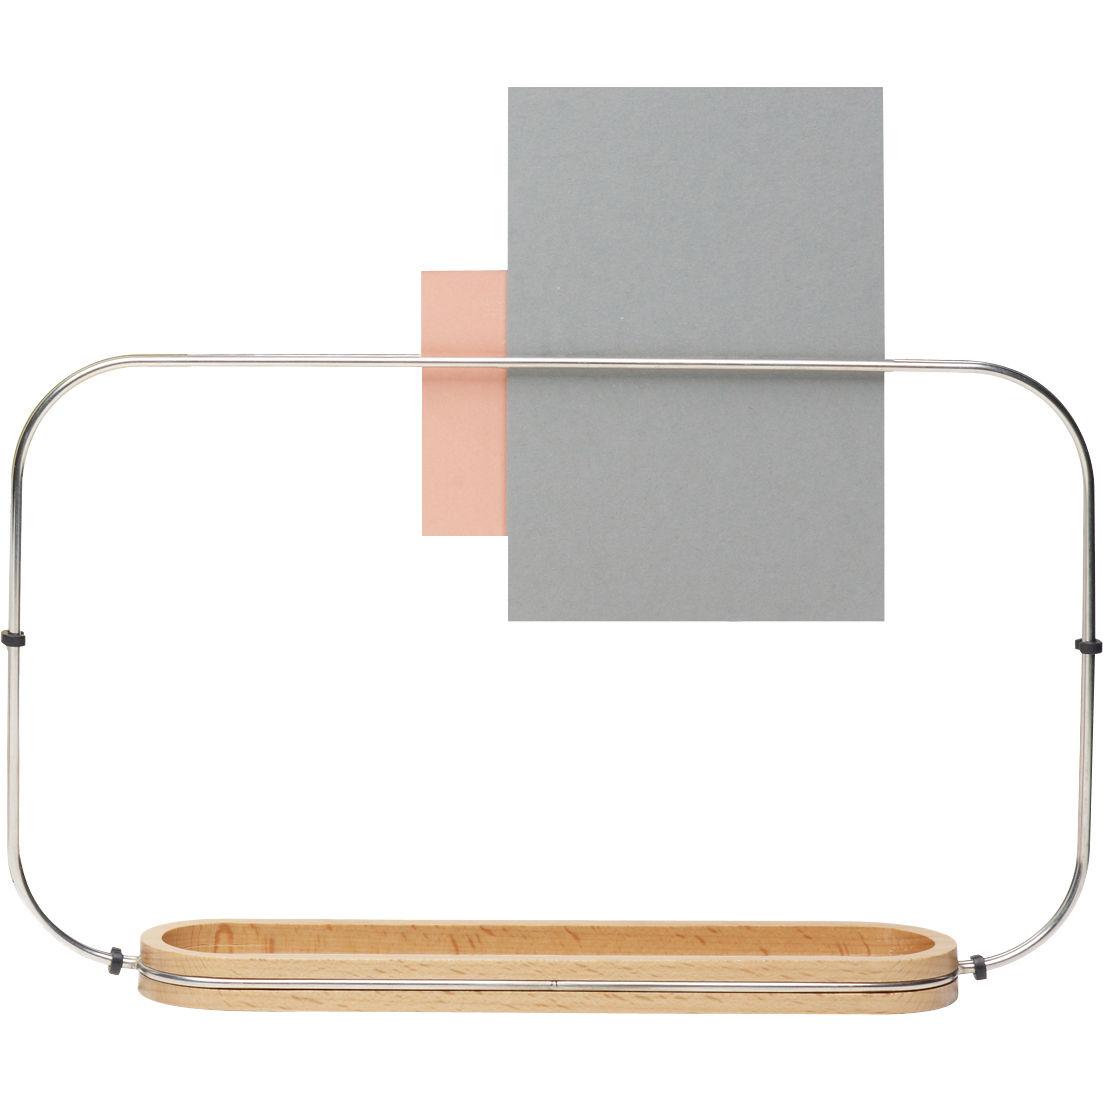 Porte objets fierzo bois acier alessi for Alessi porte prezzi